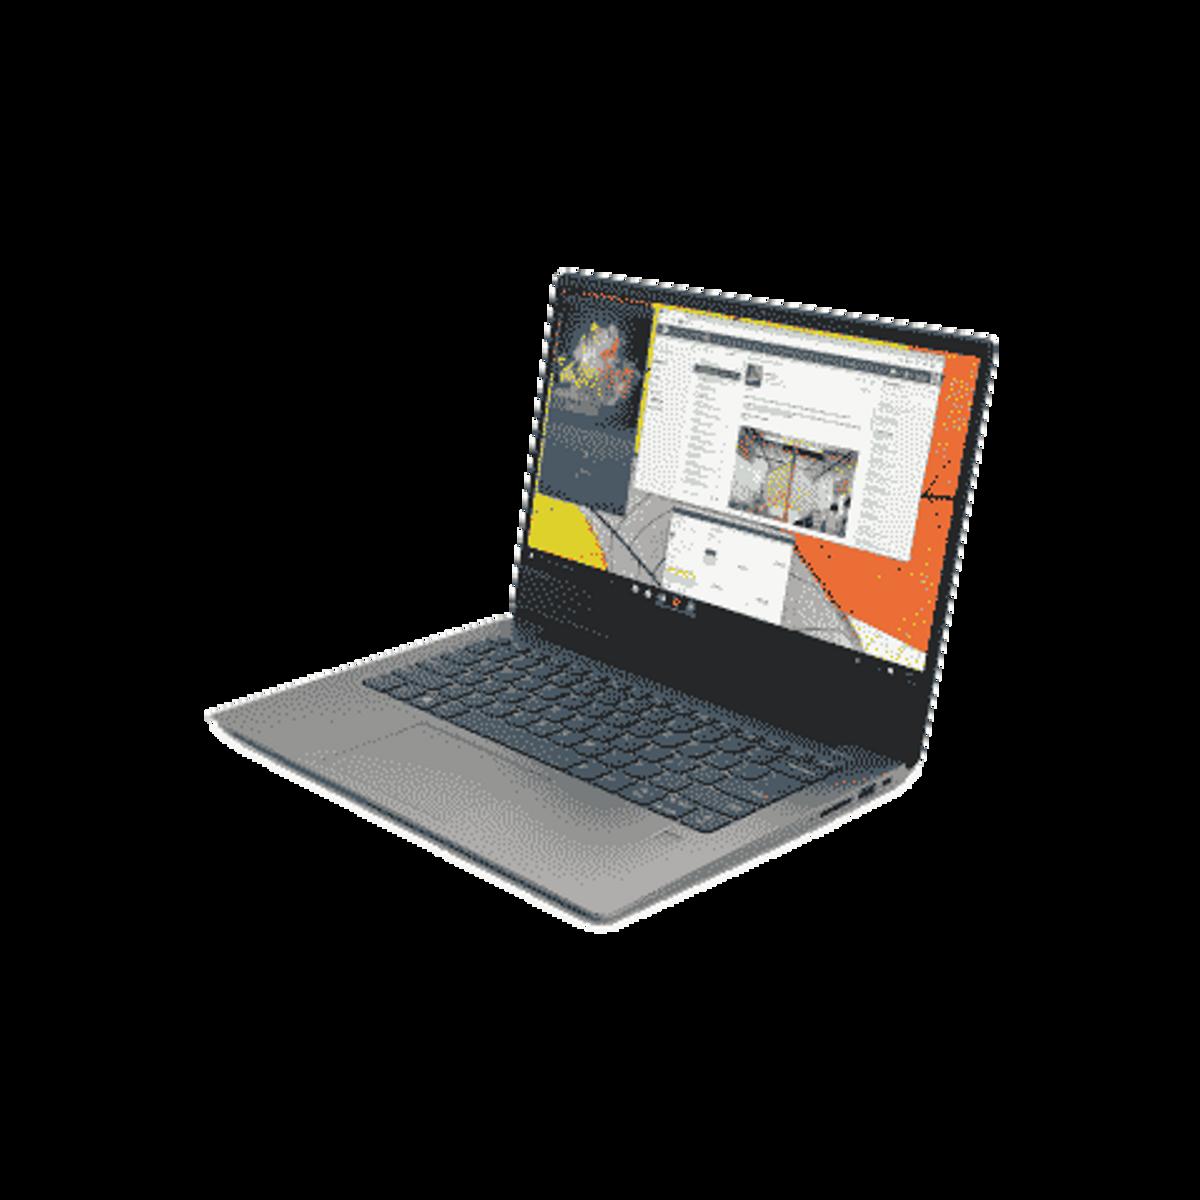 ಲೆನೊವೊ IdeaPad 330S